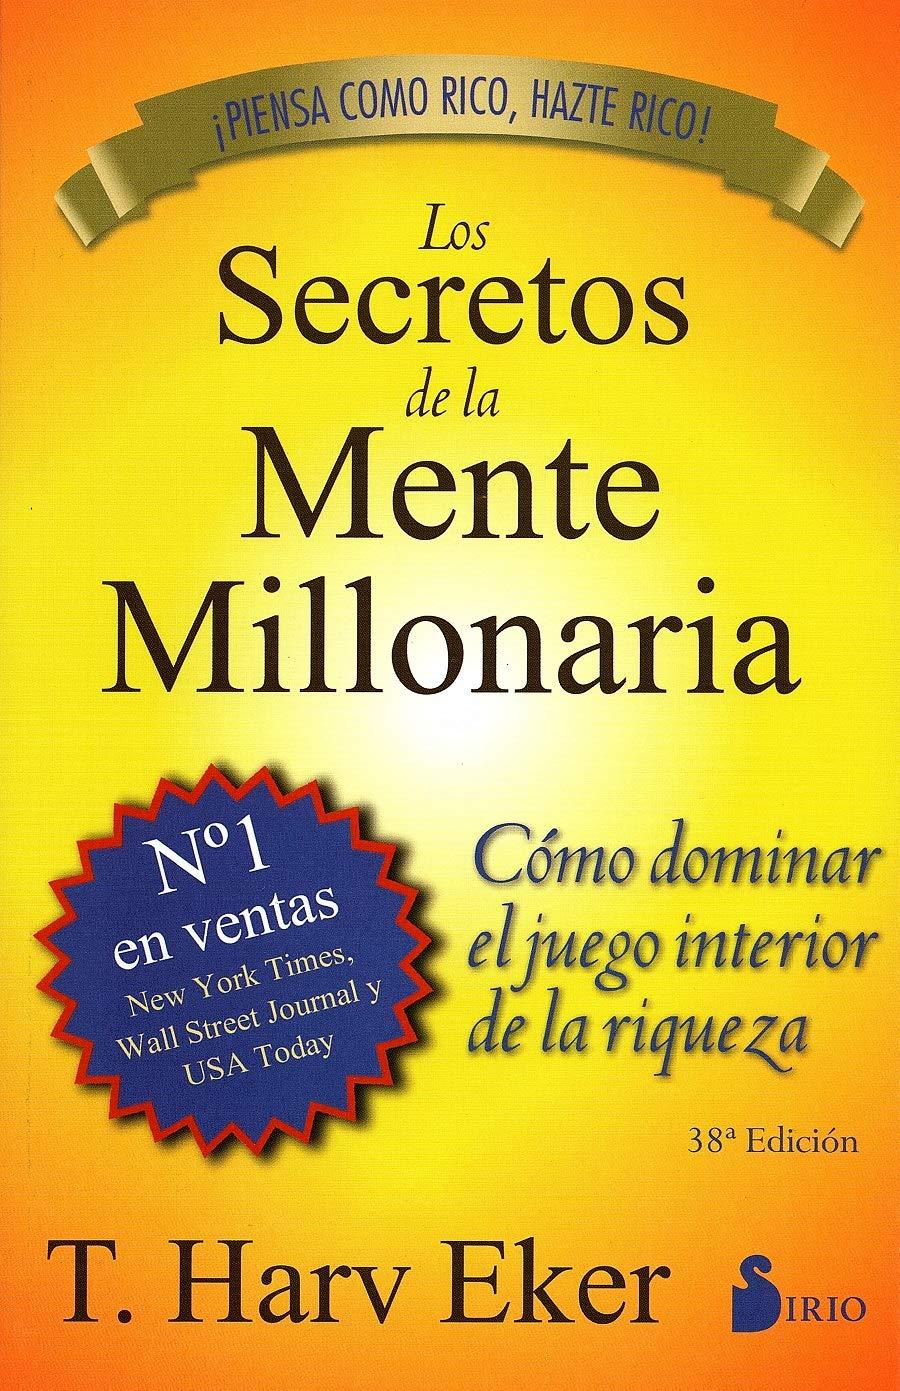 Los Secretos de la Mente Millonaria: resumen del libro de T. Harv Eker